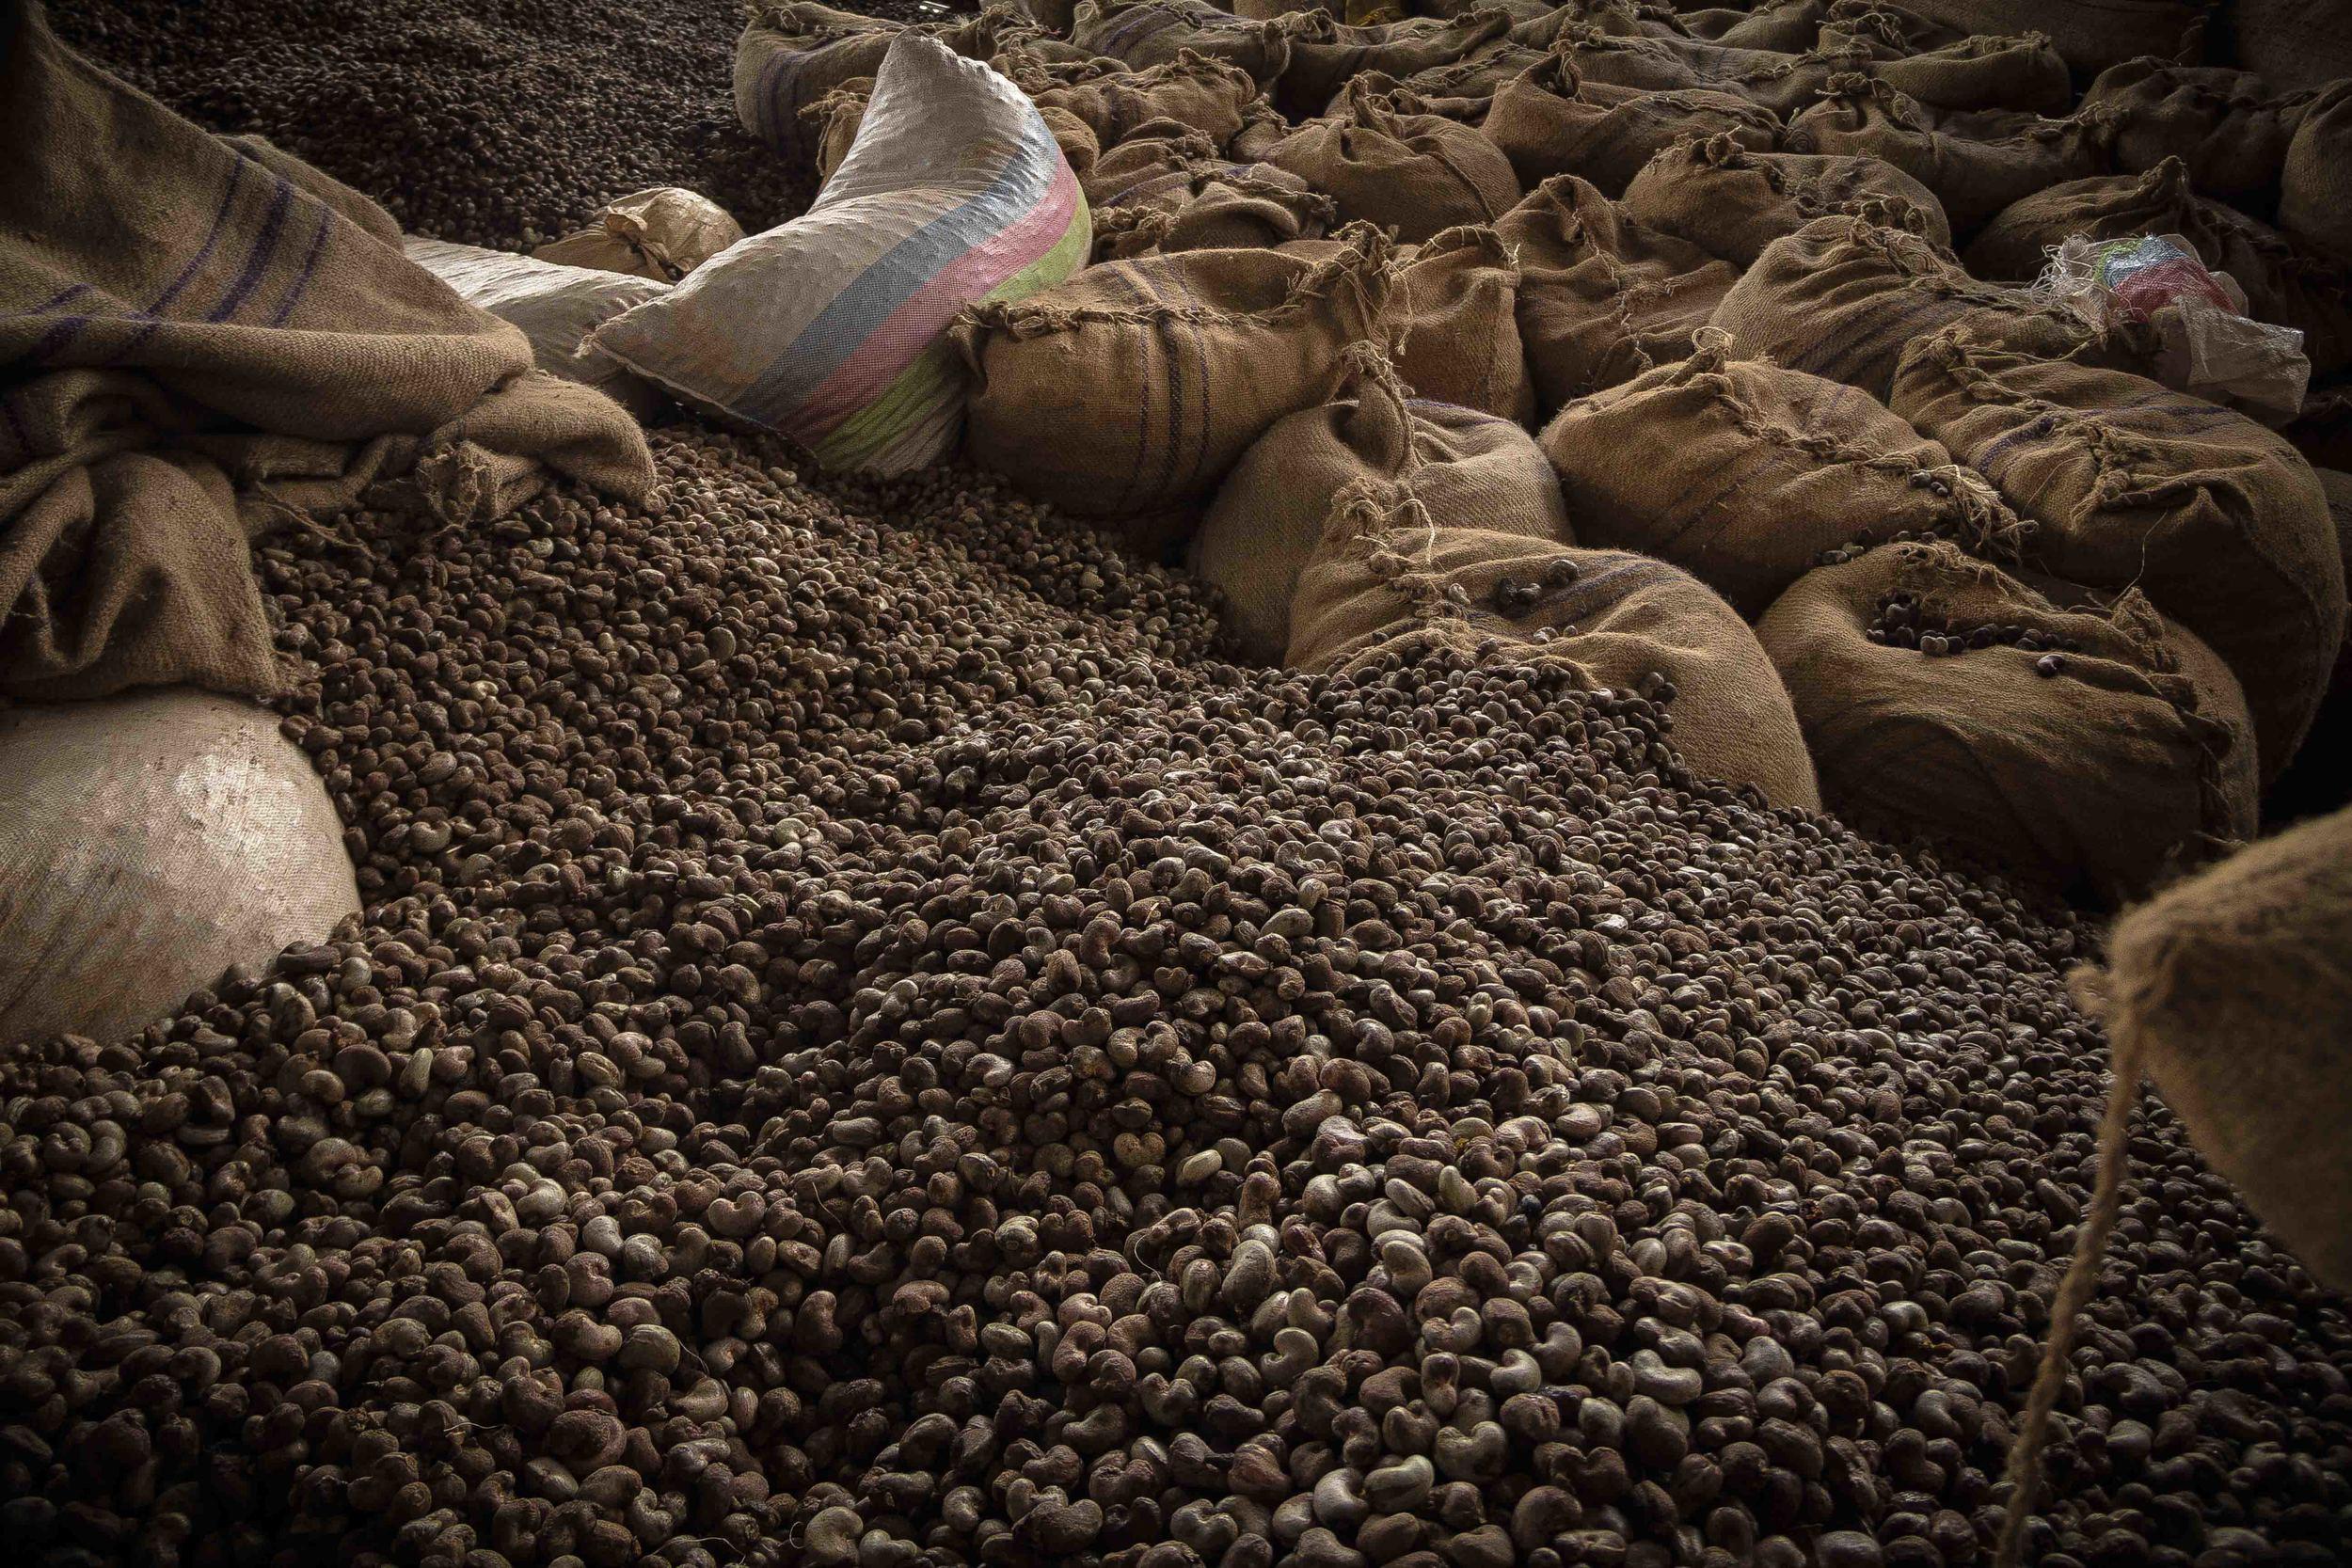 Anchilo district, Nampula province  – Factories like Condor Nuts procure raw cashew nut from farmers in the surrounding areas to be stored and processed throughout the year |  Fabricas como Condor Nuts adquire castanha de caju de produtores nas áreas próximas para ser armazenadas e processadas ao longo do ano